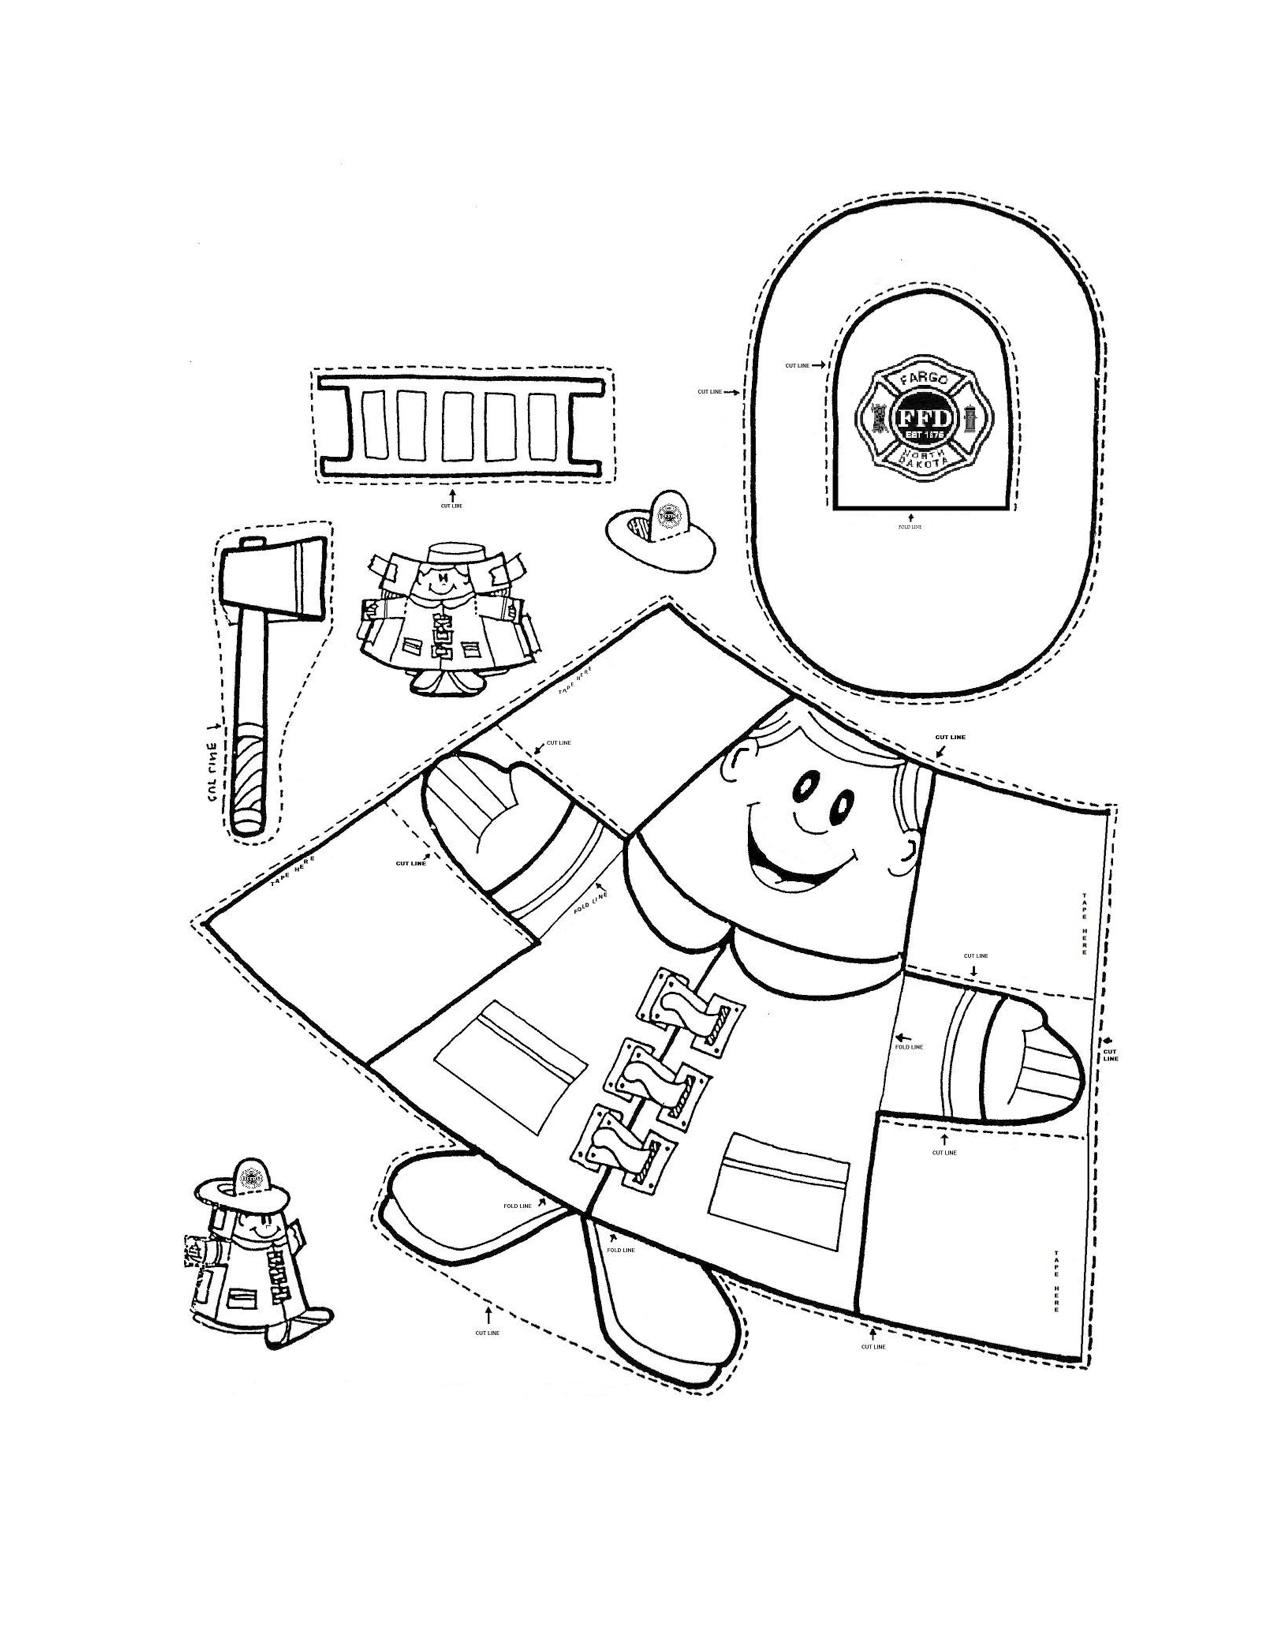 Public Safety Worksheet For Kindergarten